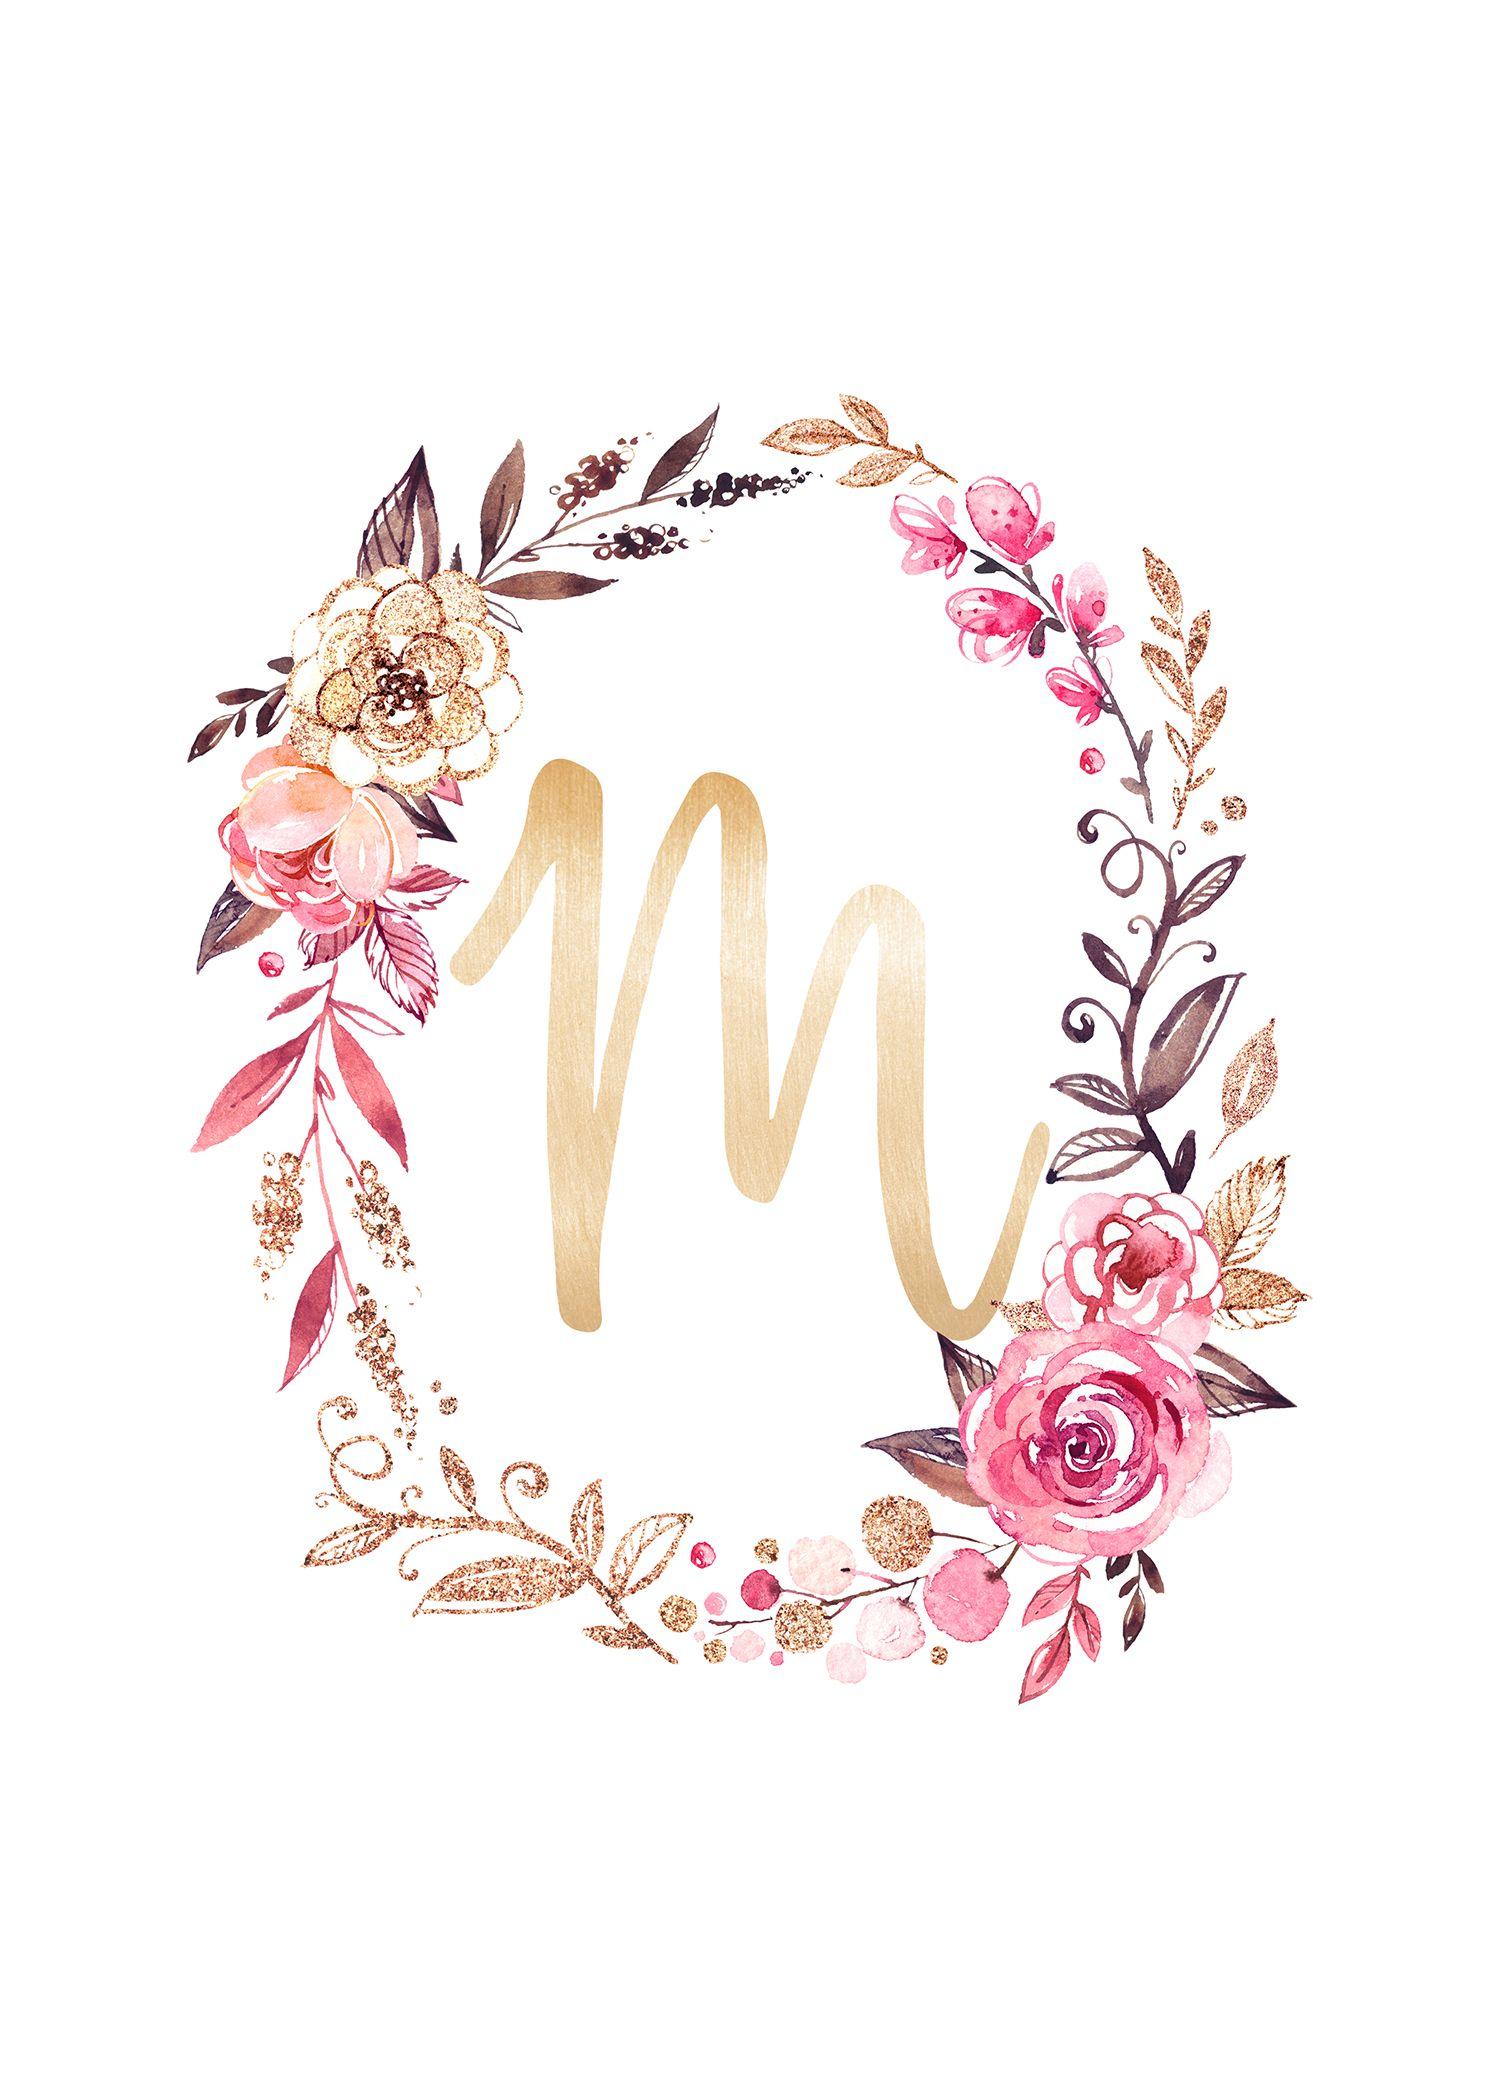 Free Glitter And Glam Monogram Printables The Cottage Market Monograma Papel De Parede Impressao Livre Letras Com Flores